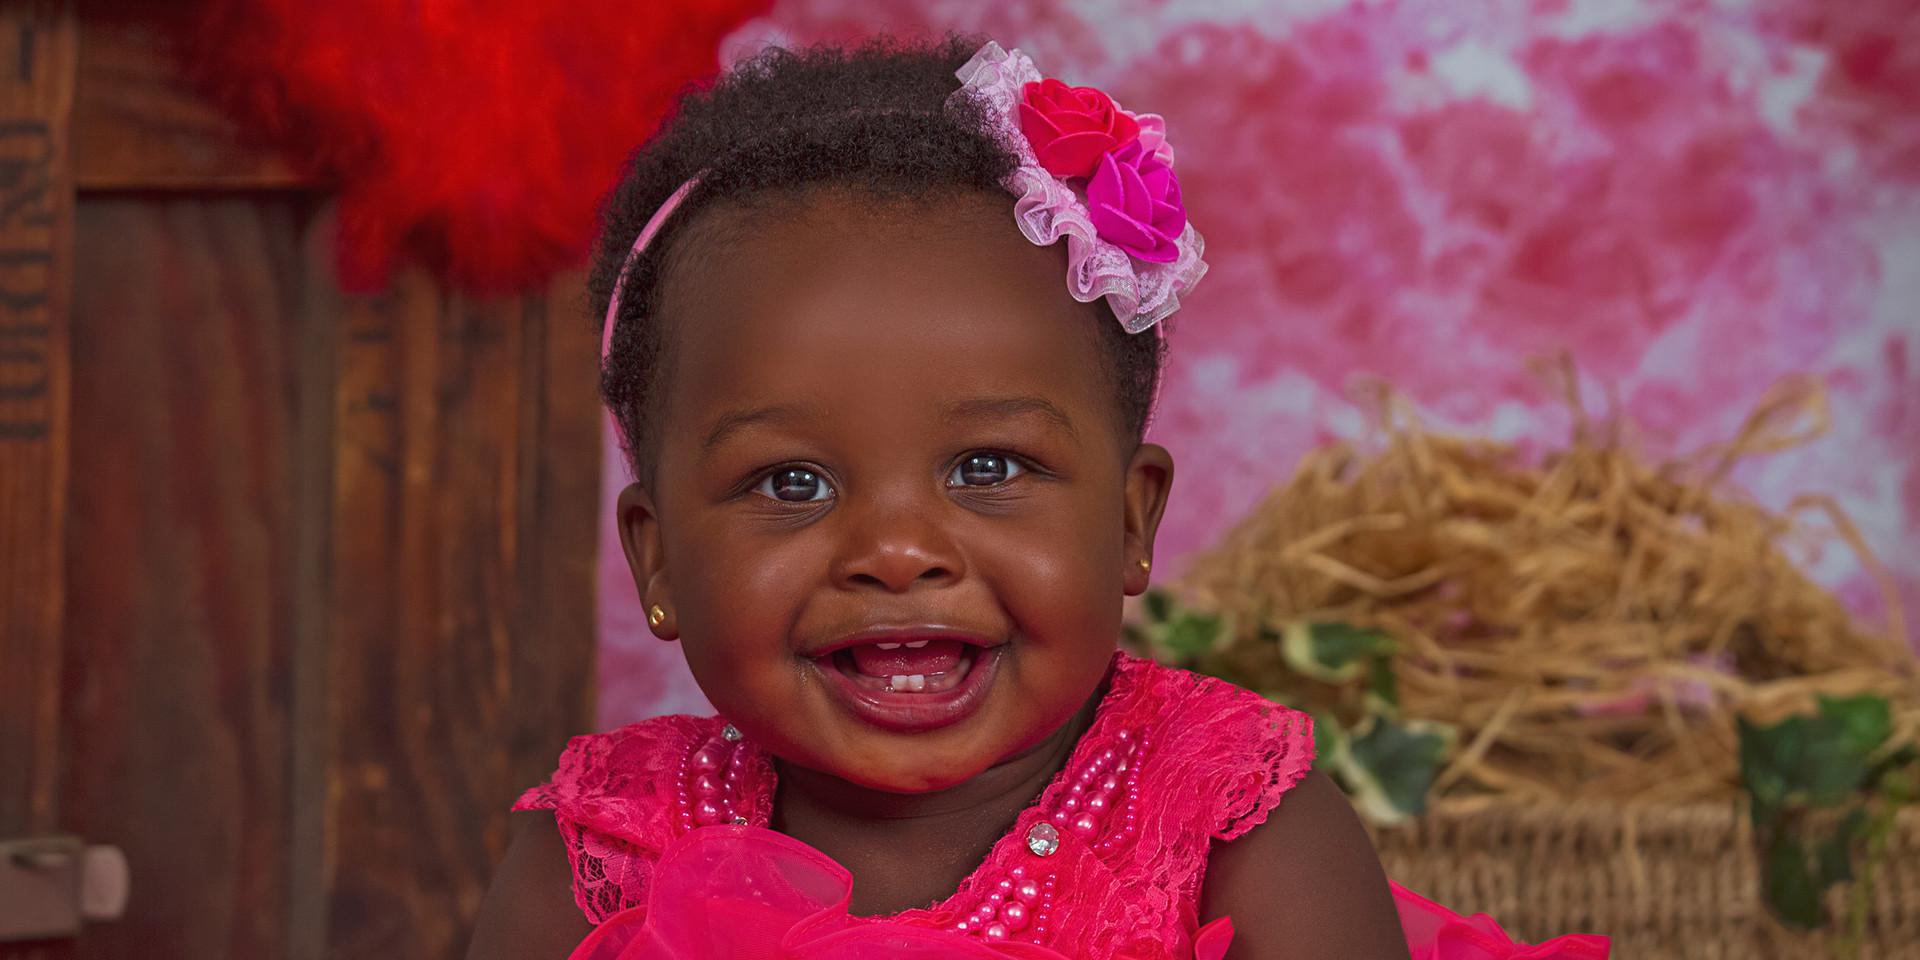 zuby s. - fotografo bambini napoli e cas